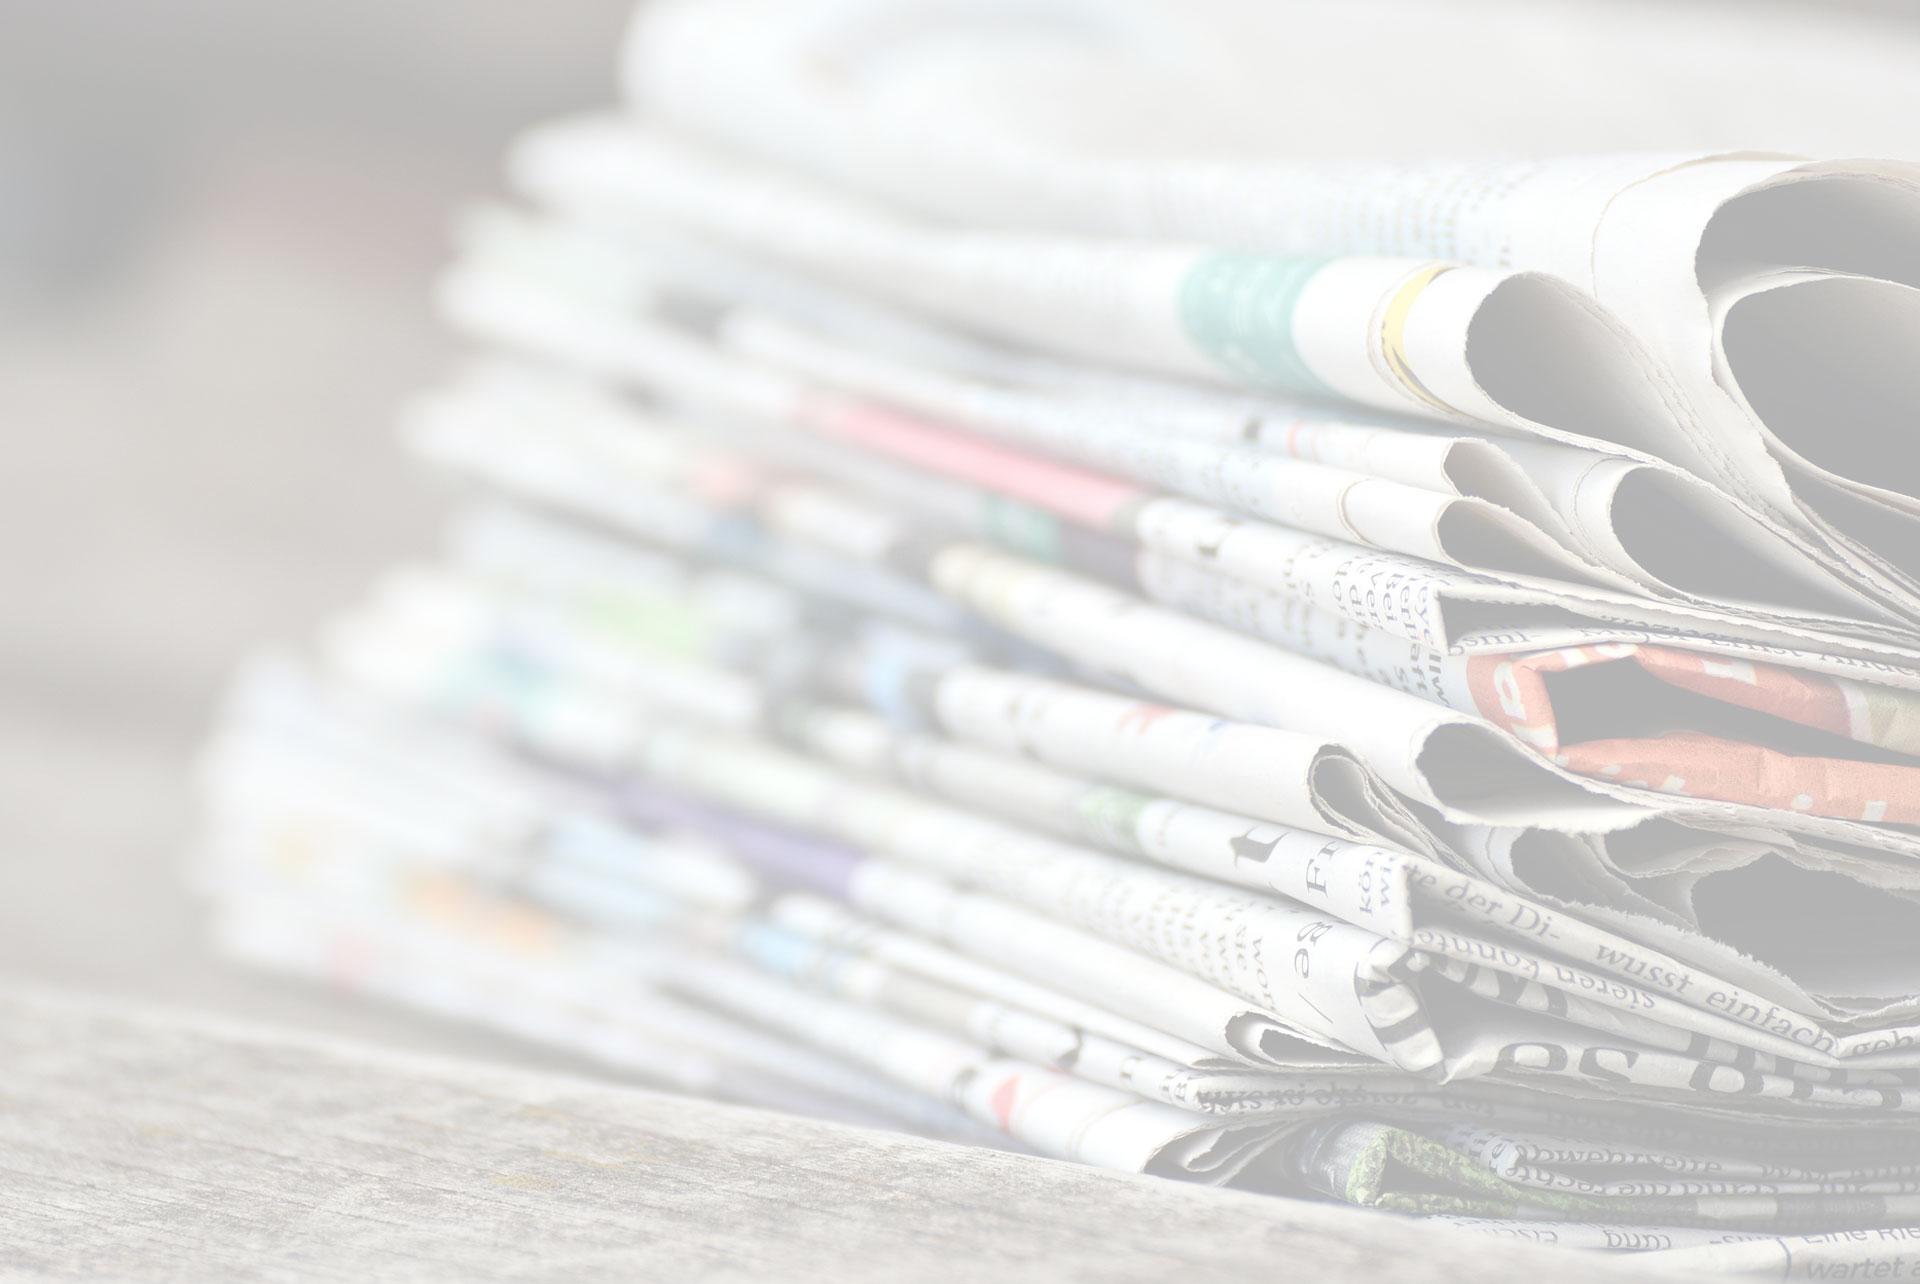 Allerta maltempo a Bologna e in tutta l'Emilia Romagna